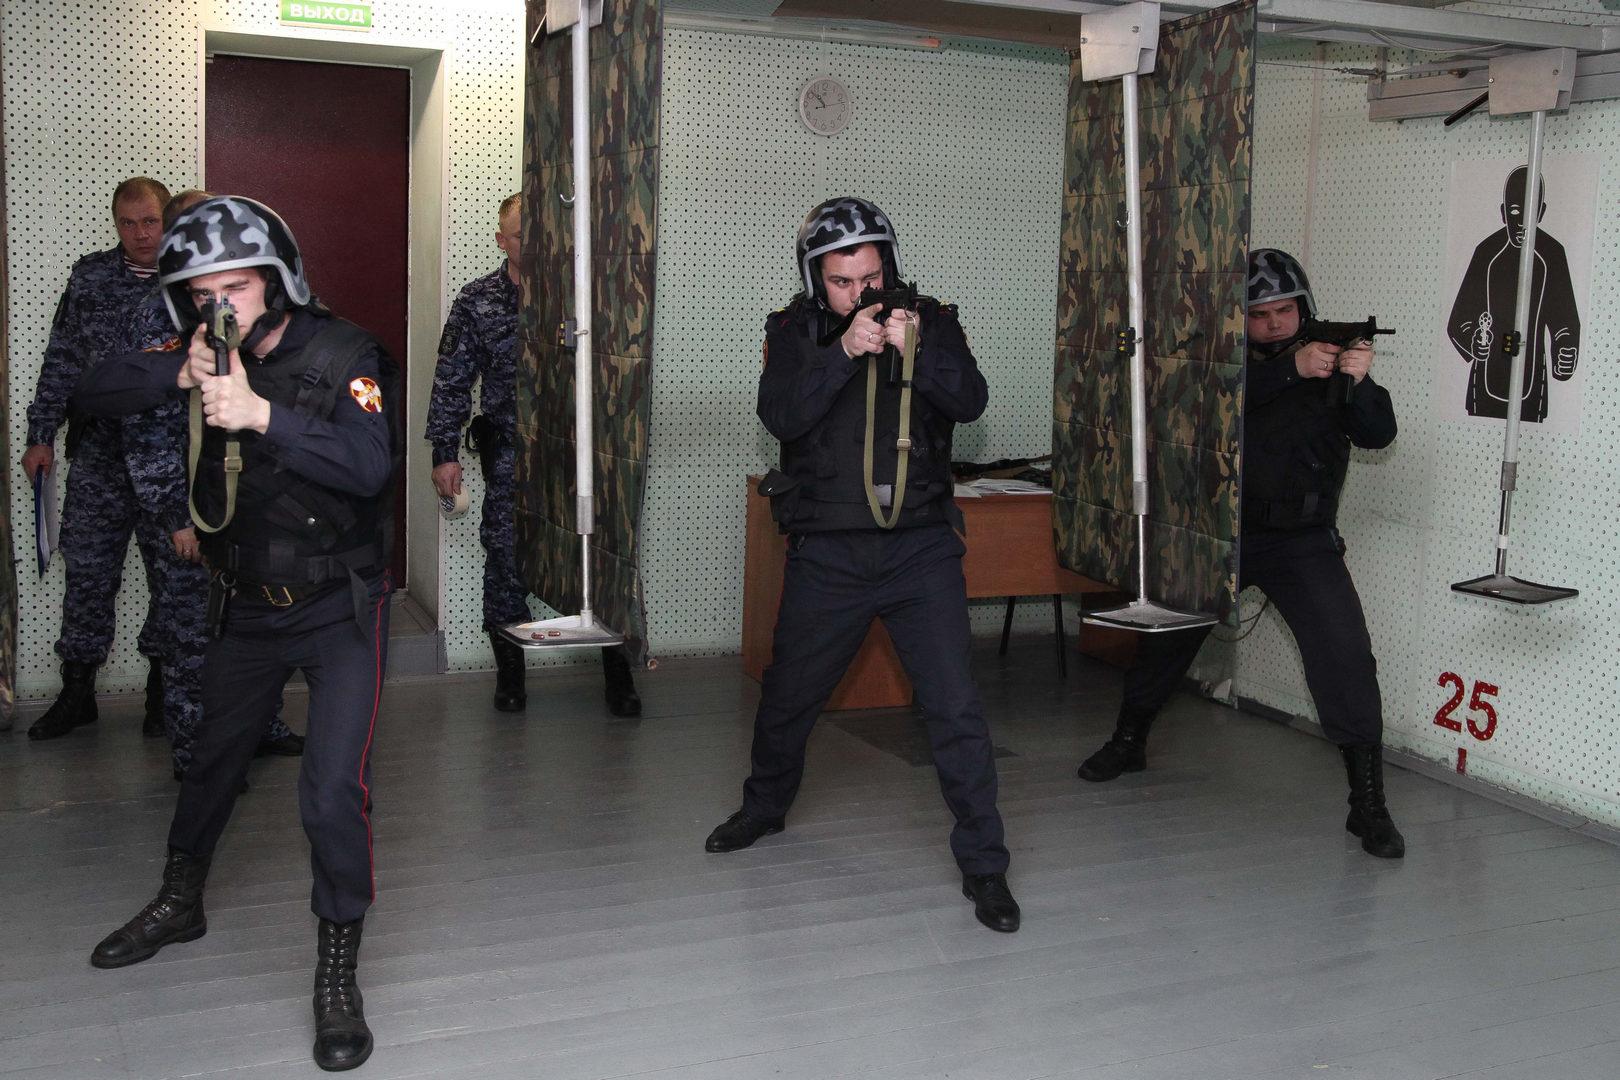 В УВО Росгвардии по РТ состоялись соревнования по стрельбе из табельного оружия, посвященные Дню Героев Отечества.